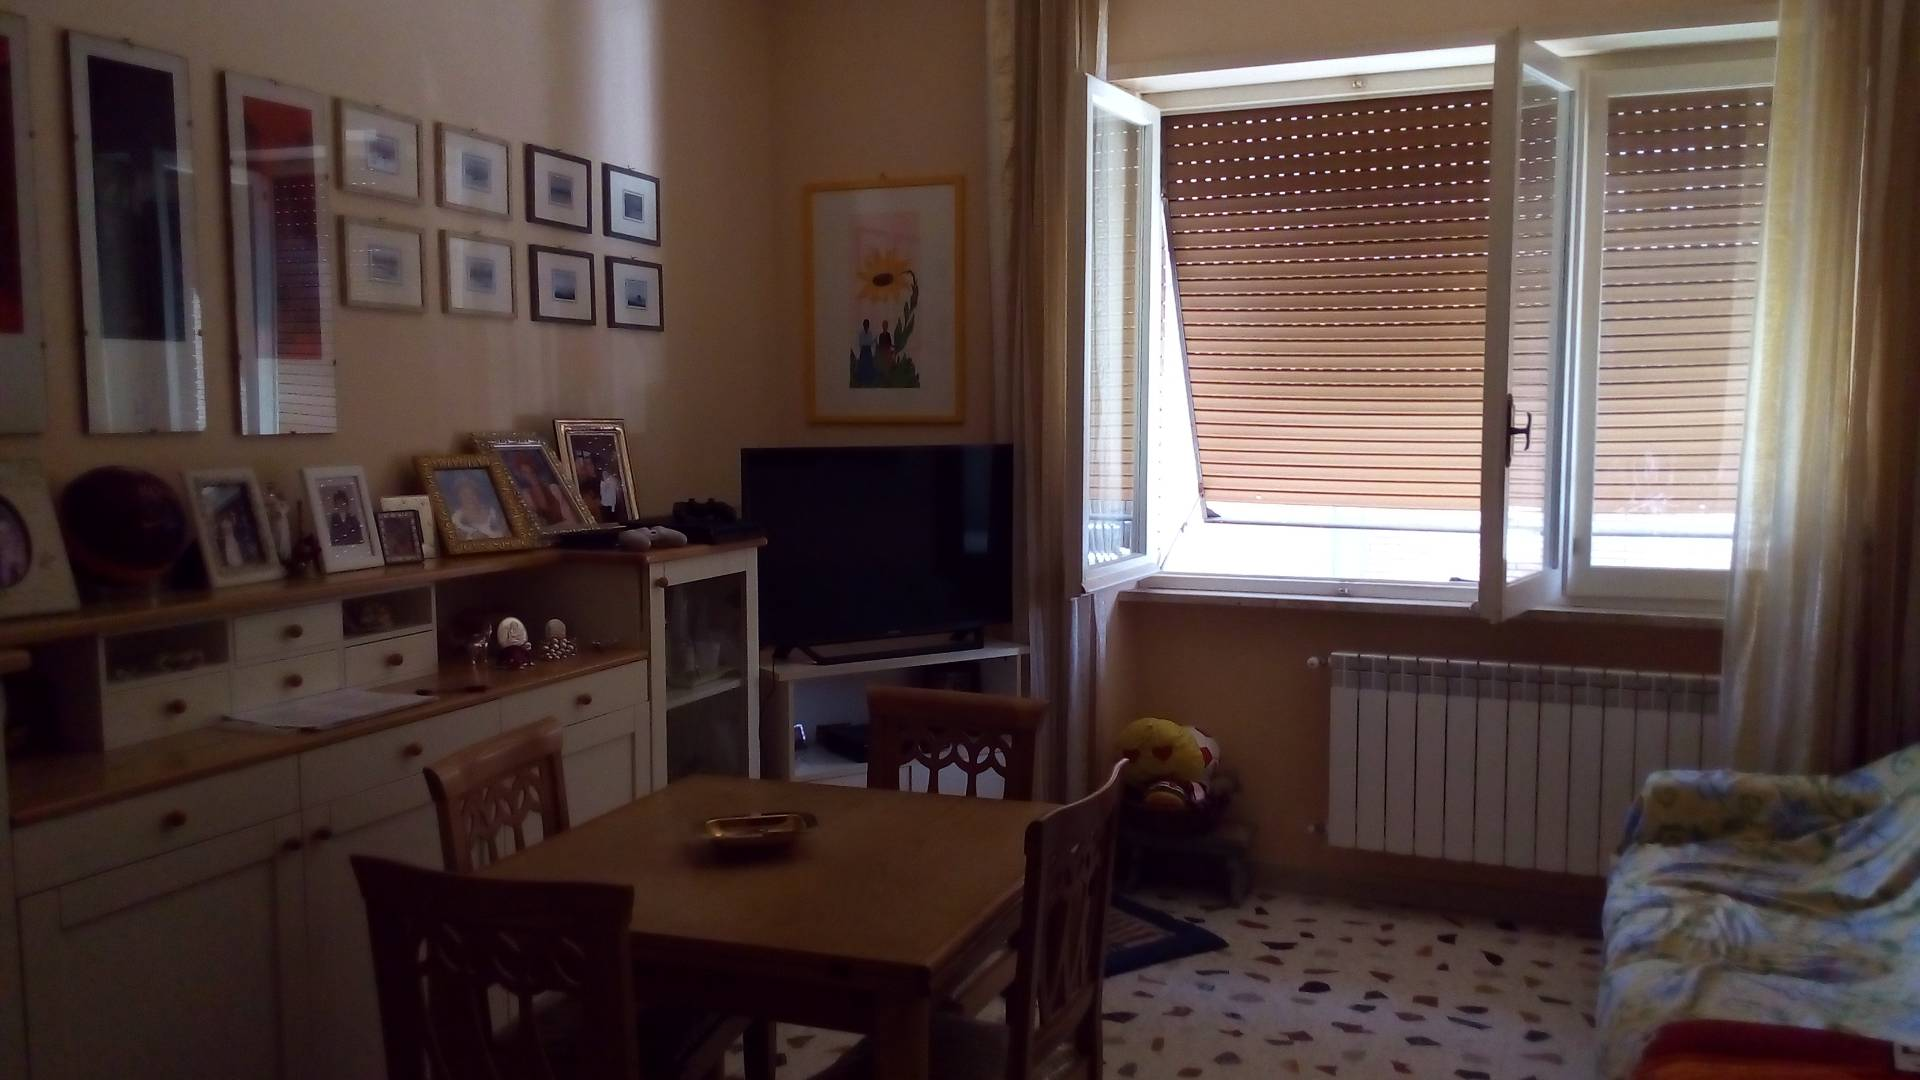 Appartamento in vendita a Ascoli Piceno, 4 locali, zona Località: CampoParignano, prezzo € 125.000 | Cambio Casa.it